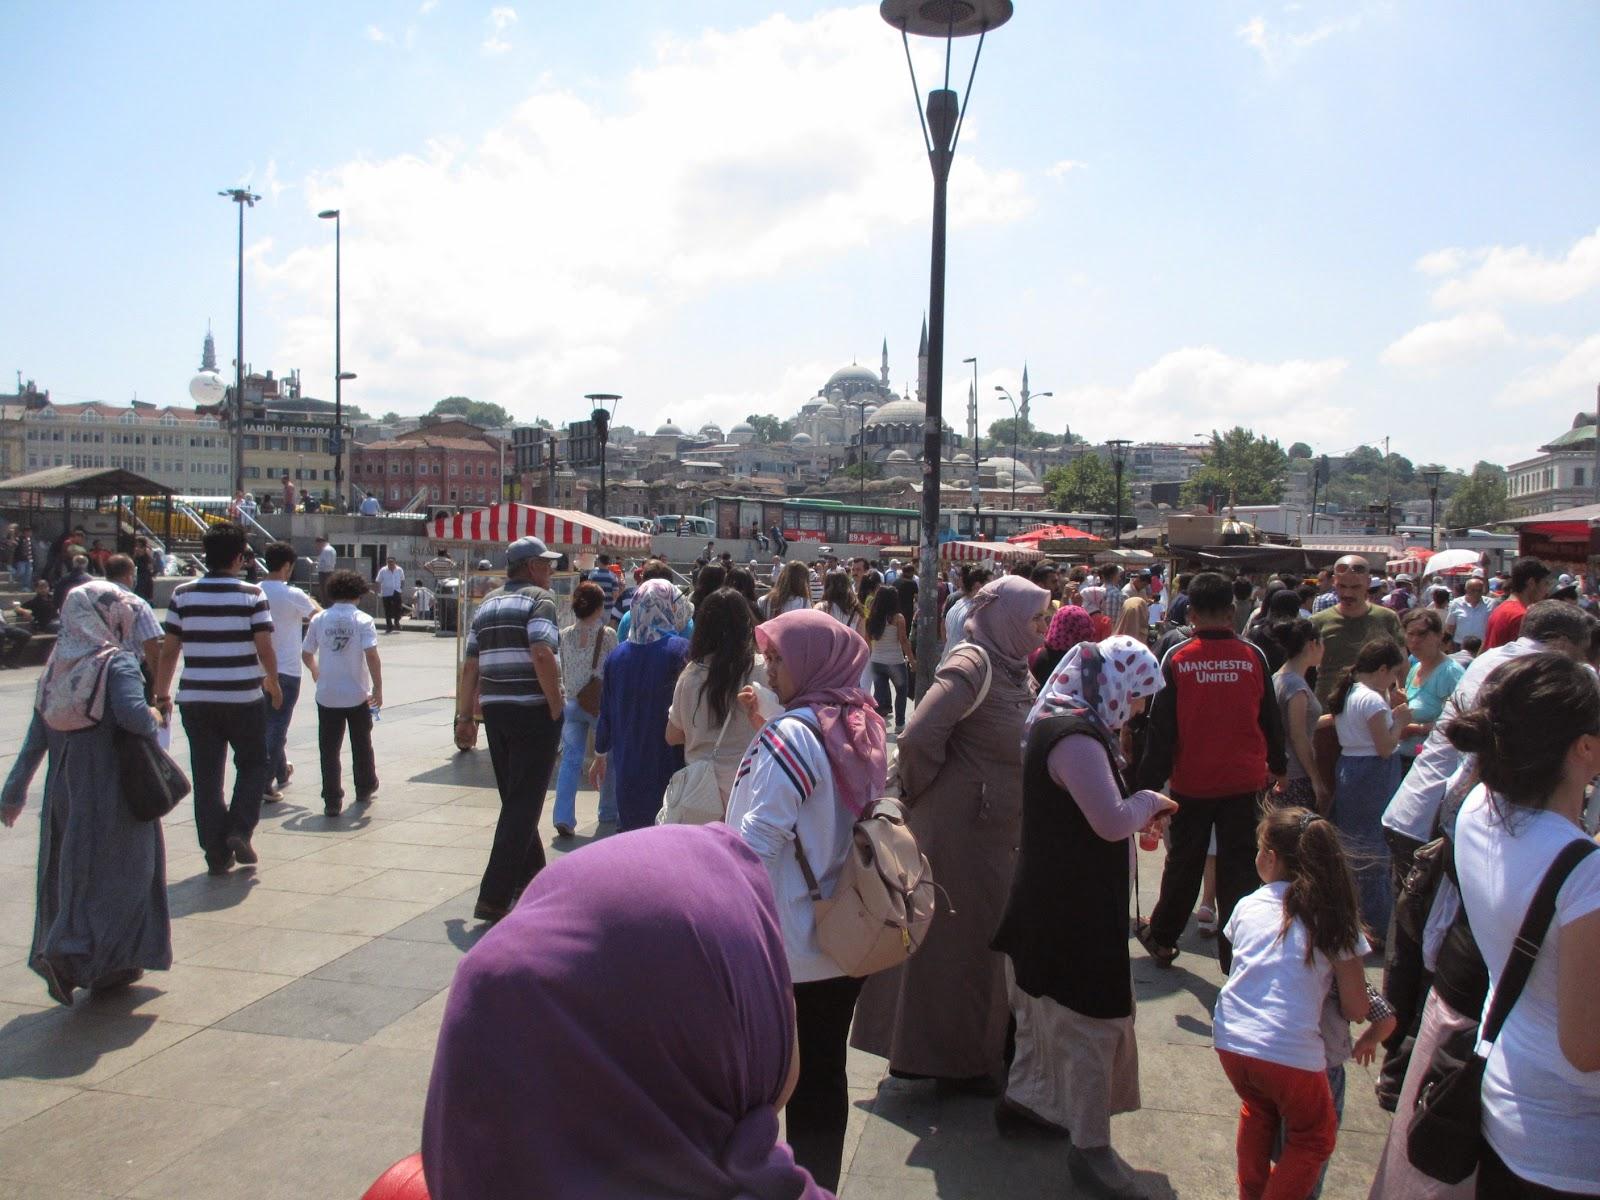 Travel Umroh Garuda Indonesia 2015 Terbaik Bagus dan Terpercaya